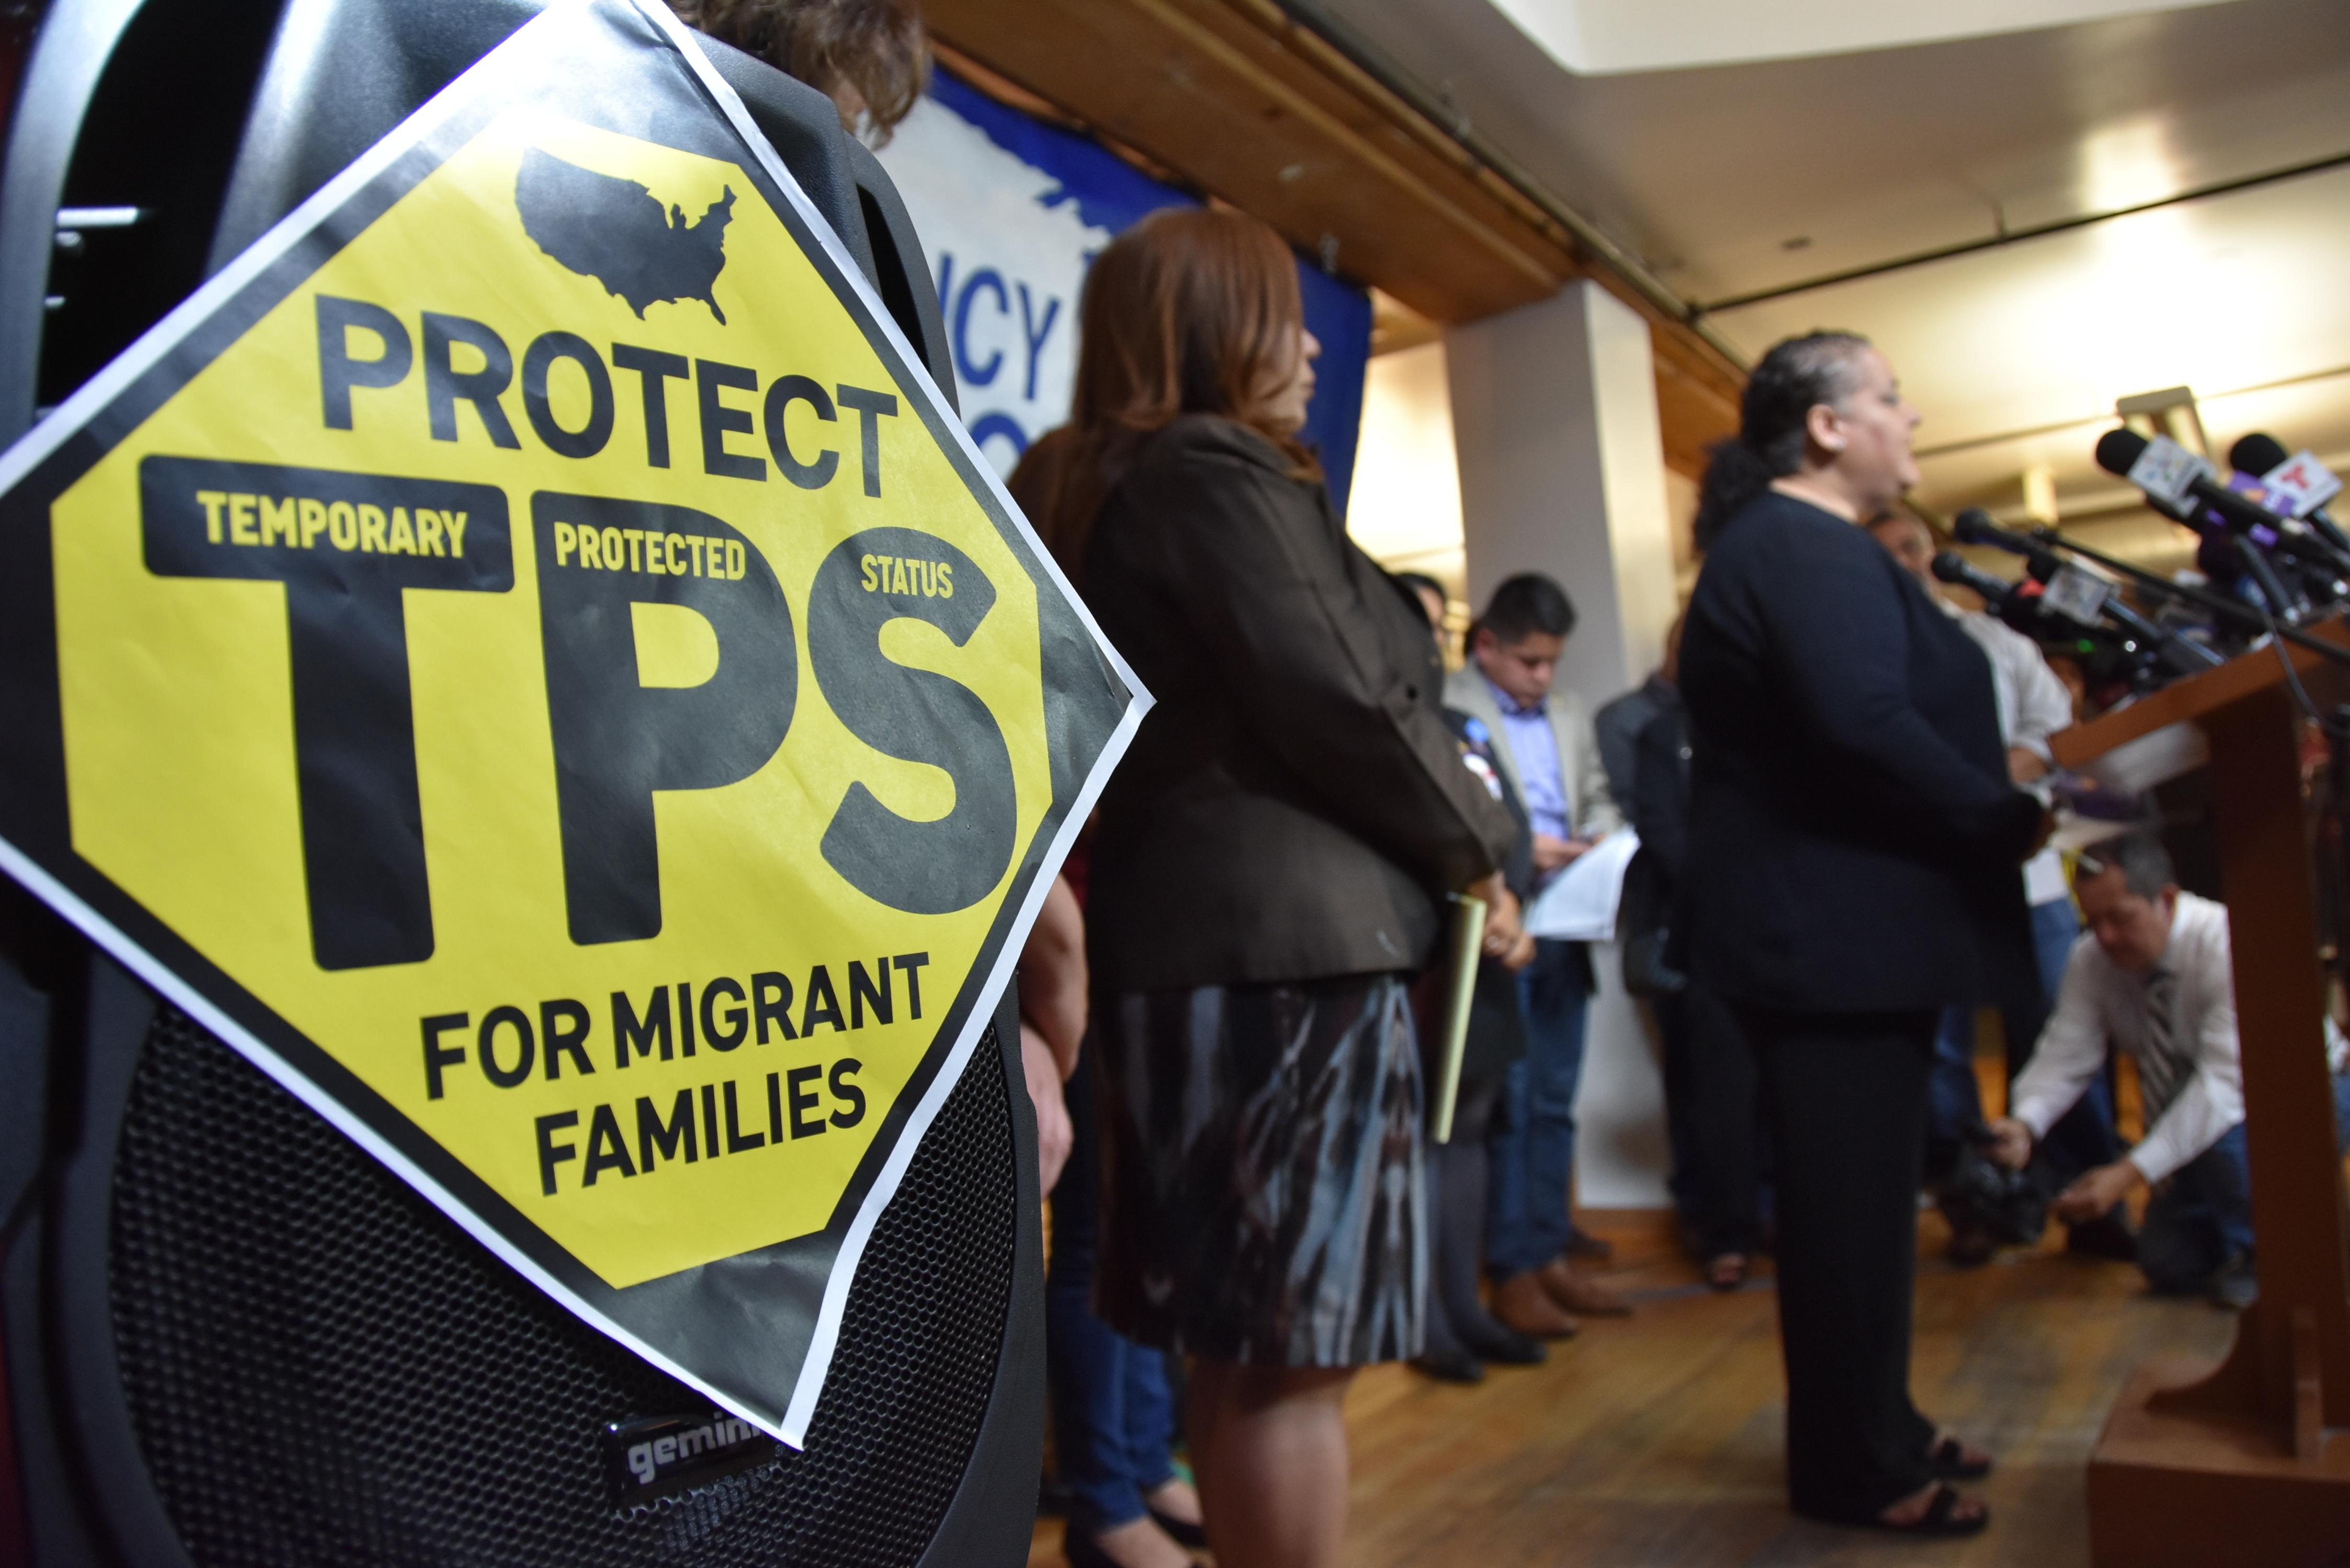 Cartel TPS en conferencia de prensa